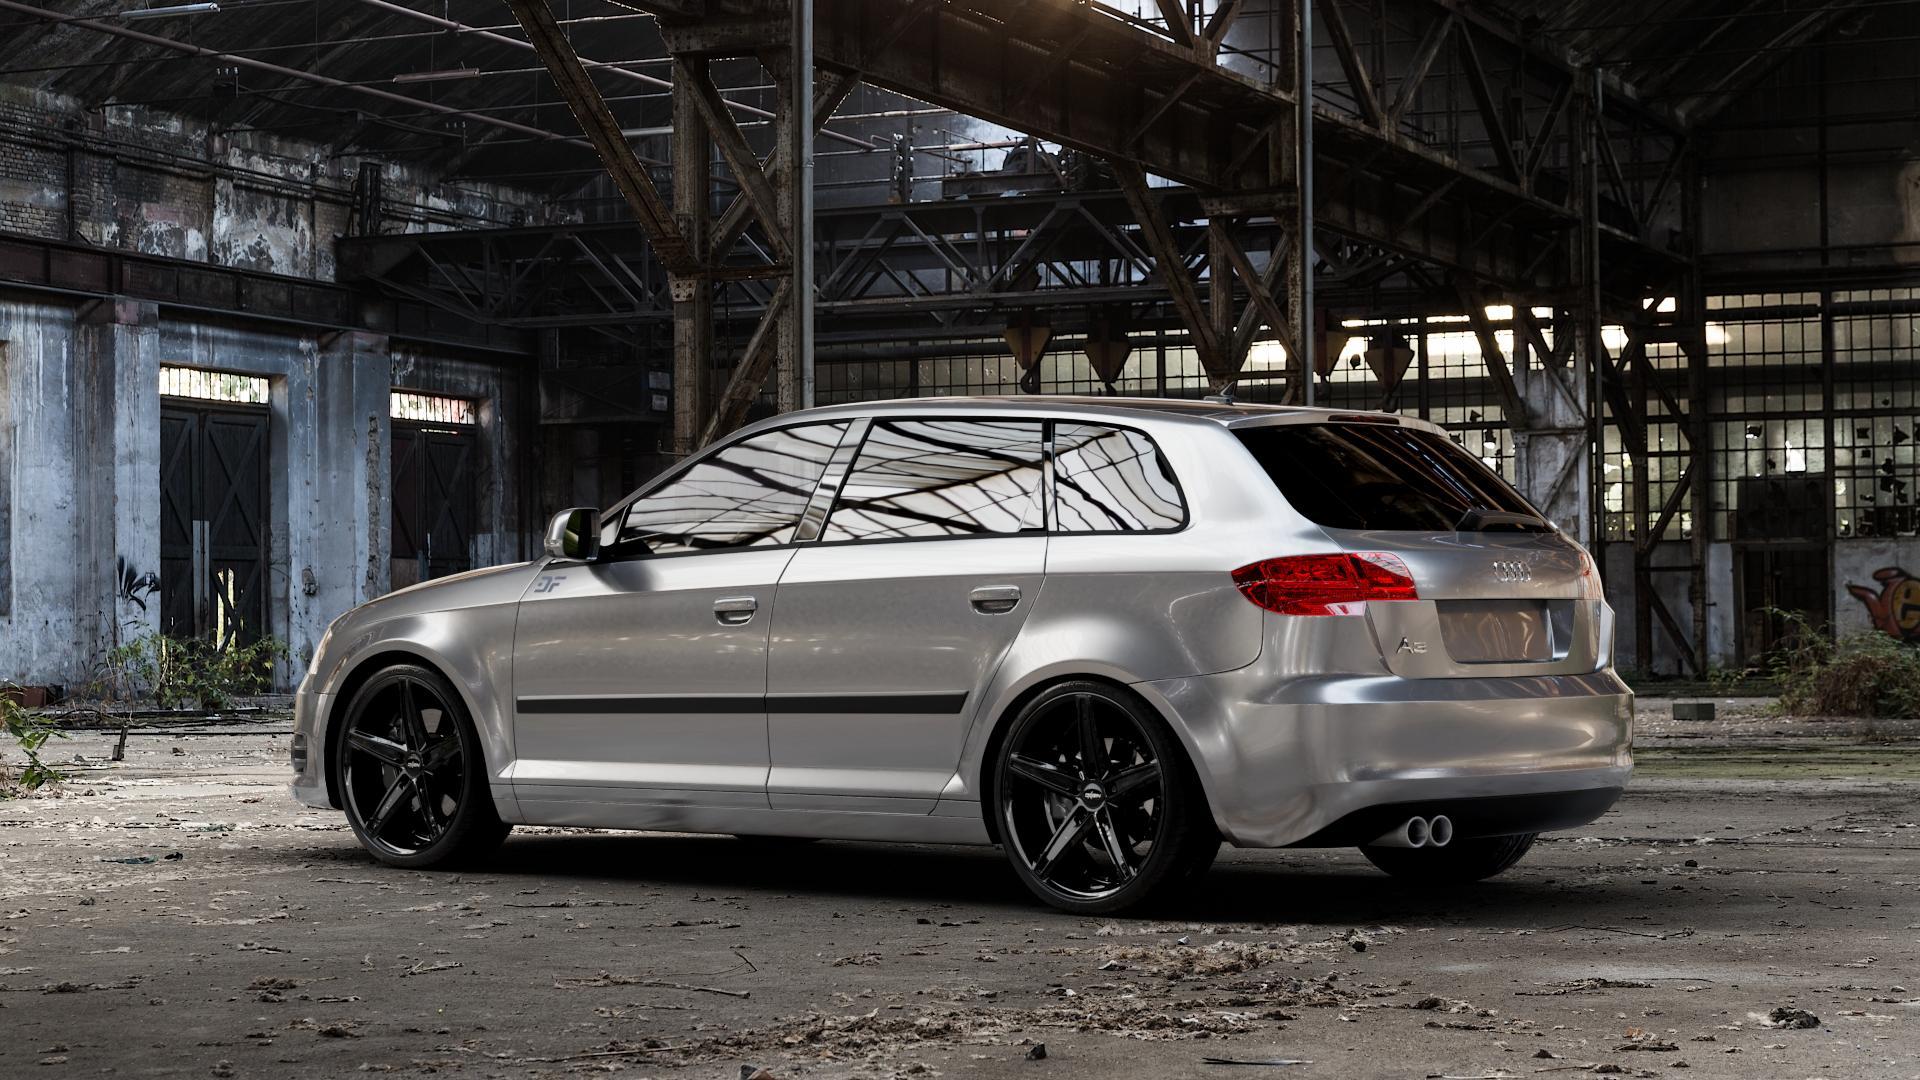 OXIGIN 18 Concave black Felge mit Reifen schwarz in 19Zoll Winterfelge Alufelge auf silbernem Audi A3 Typ 8P (Sportback) 1,6l 75kW (102 PS) 2,0l FSI 110kW (150 1,9l TDI 77kW (105 103kW (140 TFSI 147kW (200 85kW (116 100kW (136 1,8l 118kW (160 125kW (170 1,4l 92kW (125 120kW (163 quattro 3,2l V6 184kW (250 S3 195kW (265 1,2l 66kW (90